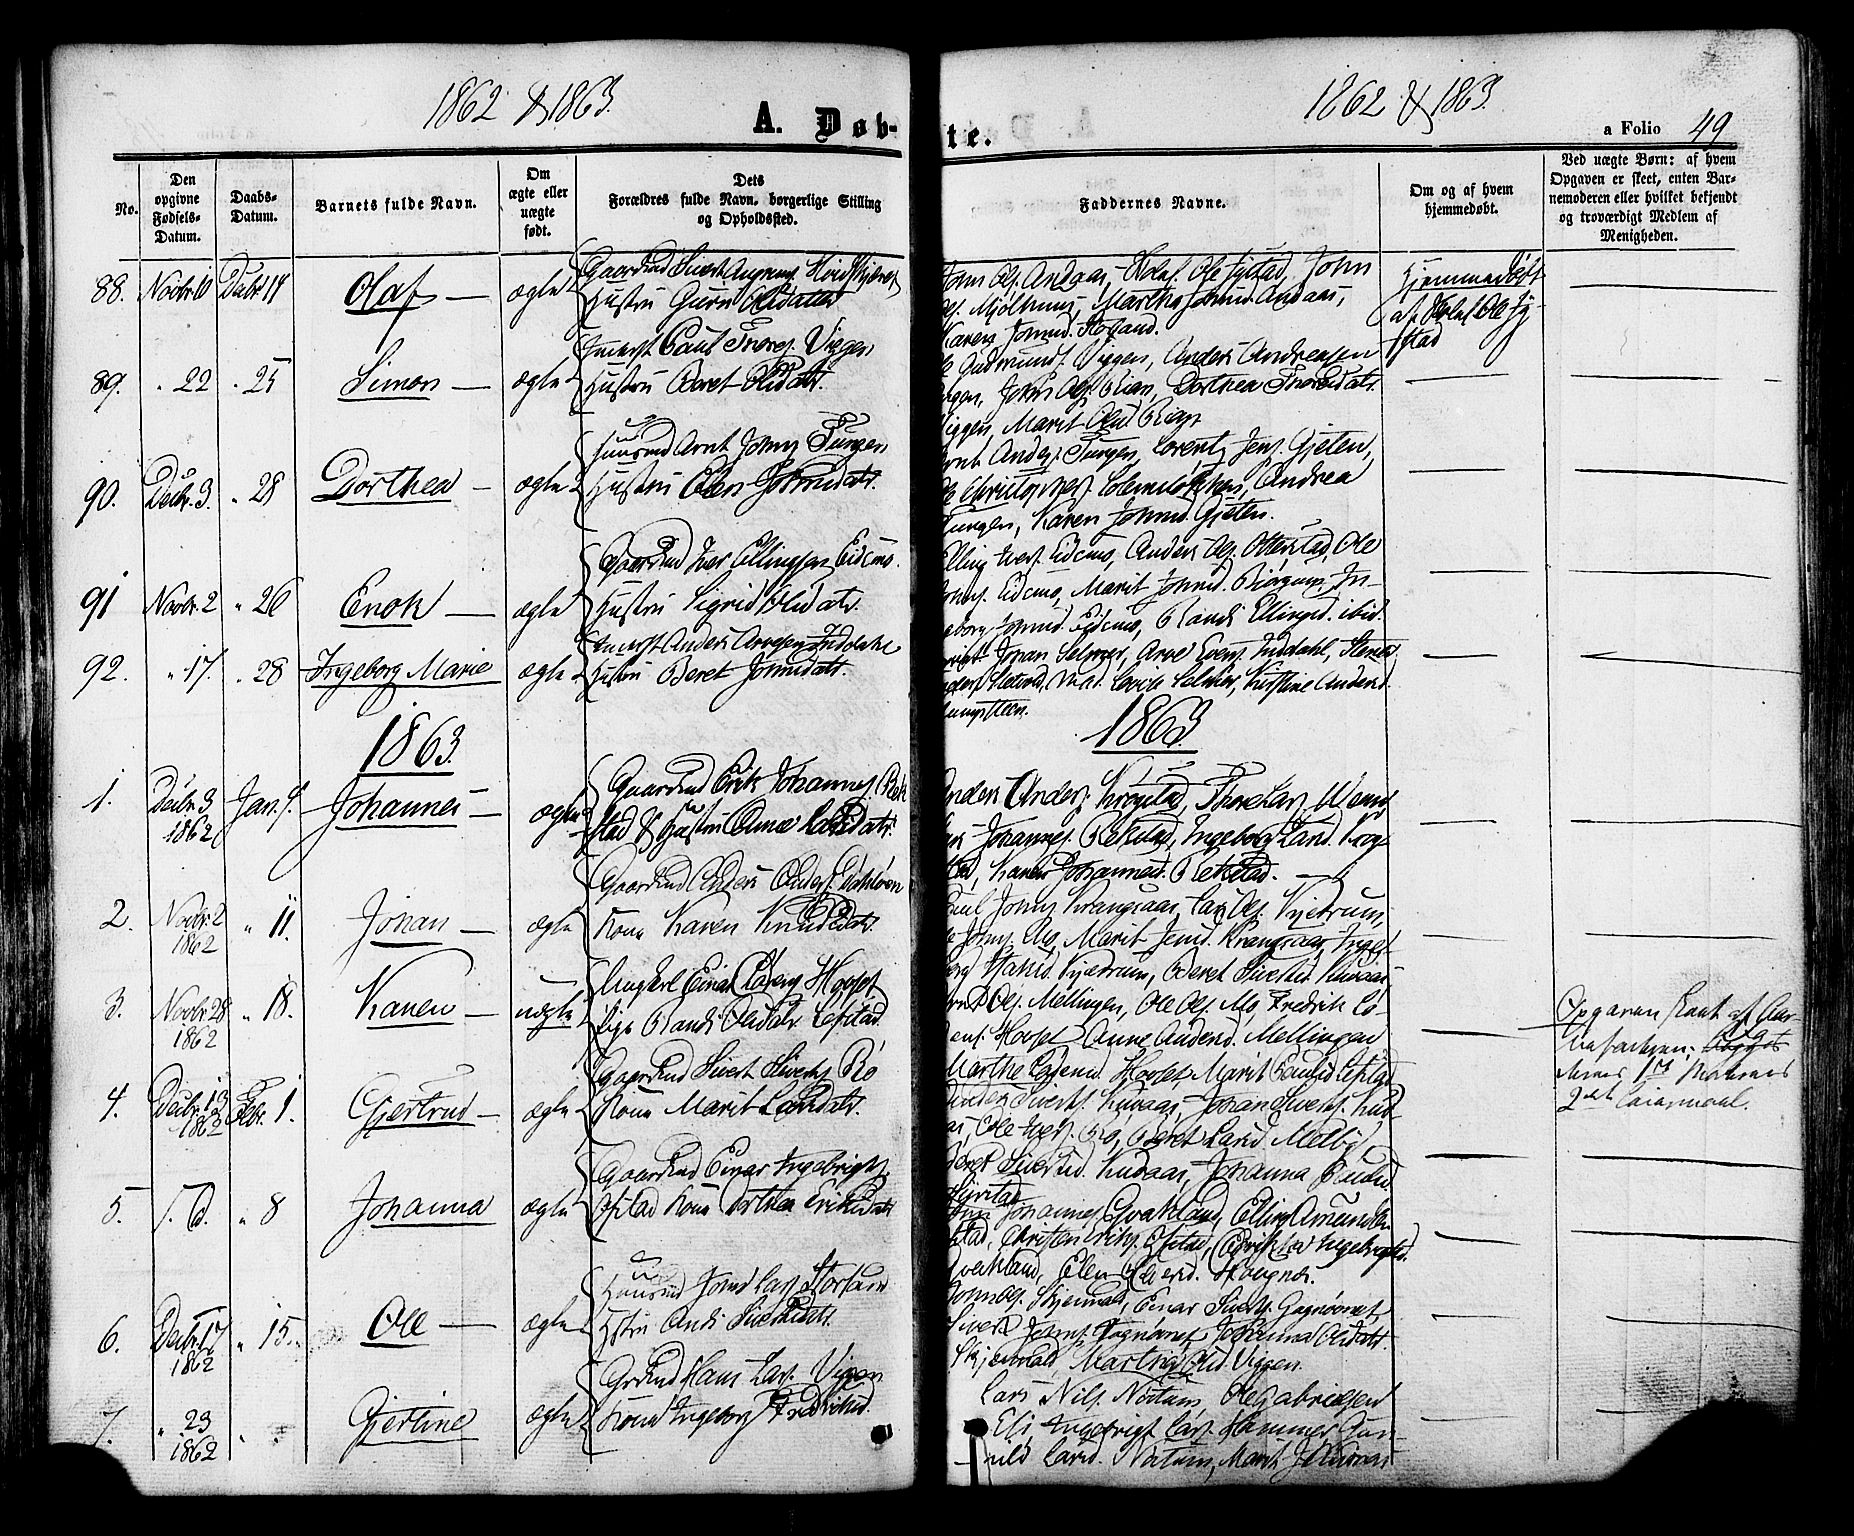 SAT, Ministerialprotokoller, klokkerbøker og fødselsregistre - Sør-Trøndelag, 665/L0772: Ministerialbok nr. 665A07, 1856-1878, s. 49